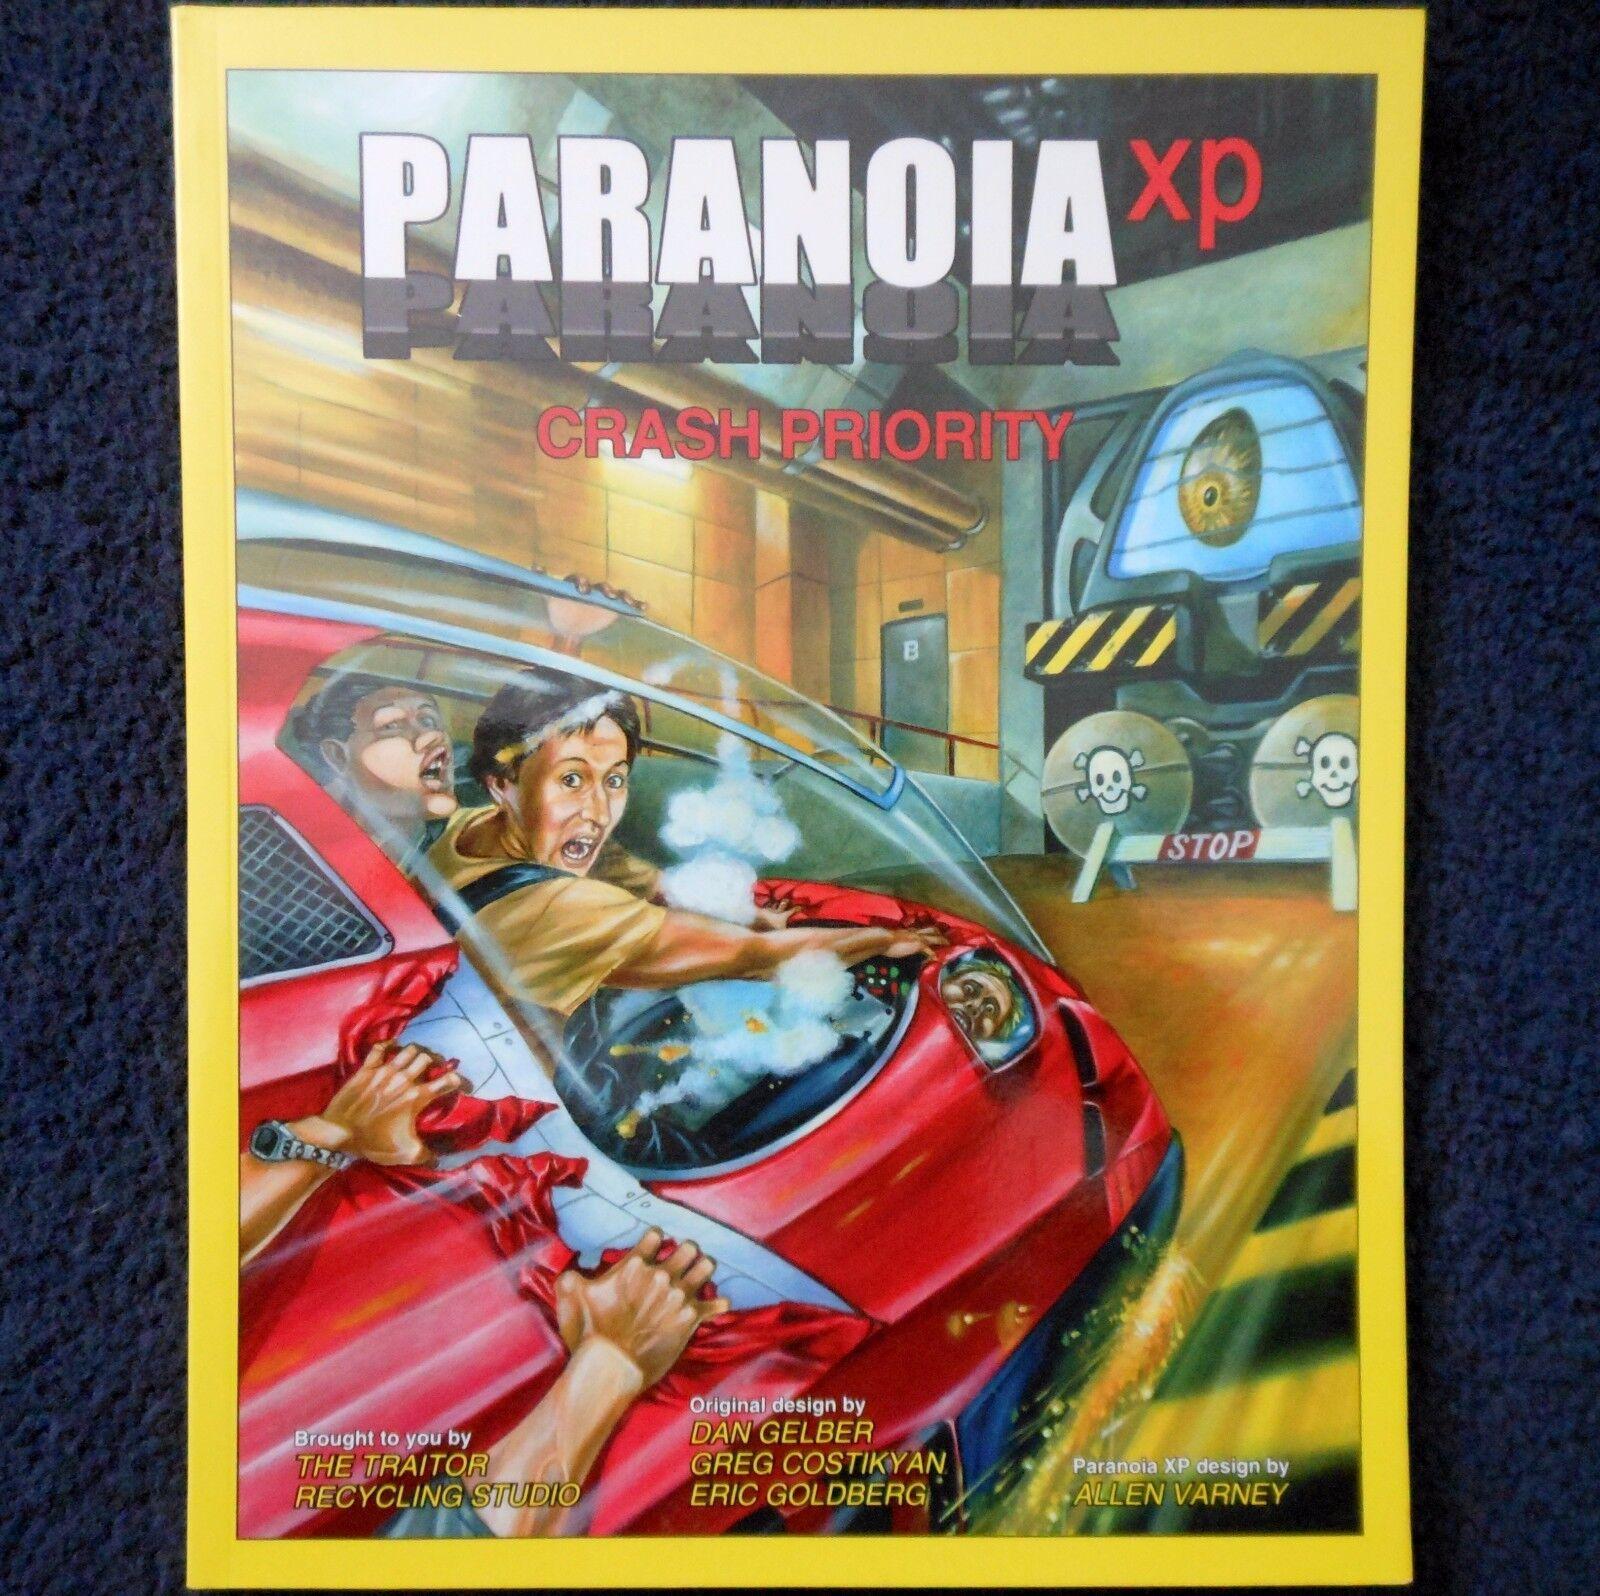 2004 Crash prioridad paranoia XP aventura módulo Mangosta Sci Fi RPG MGP 6633